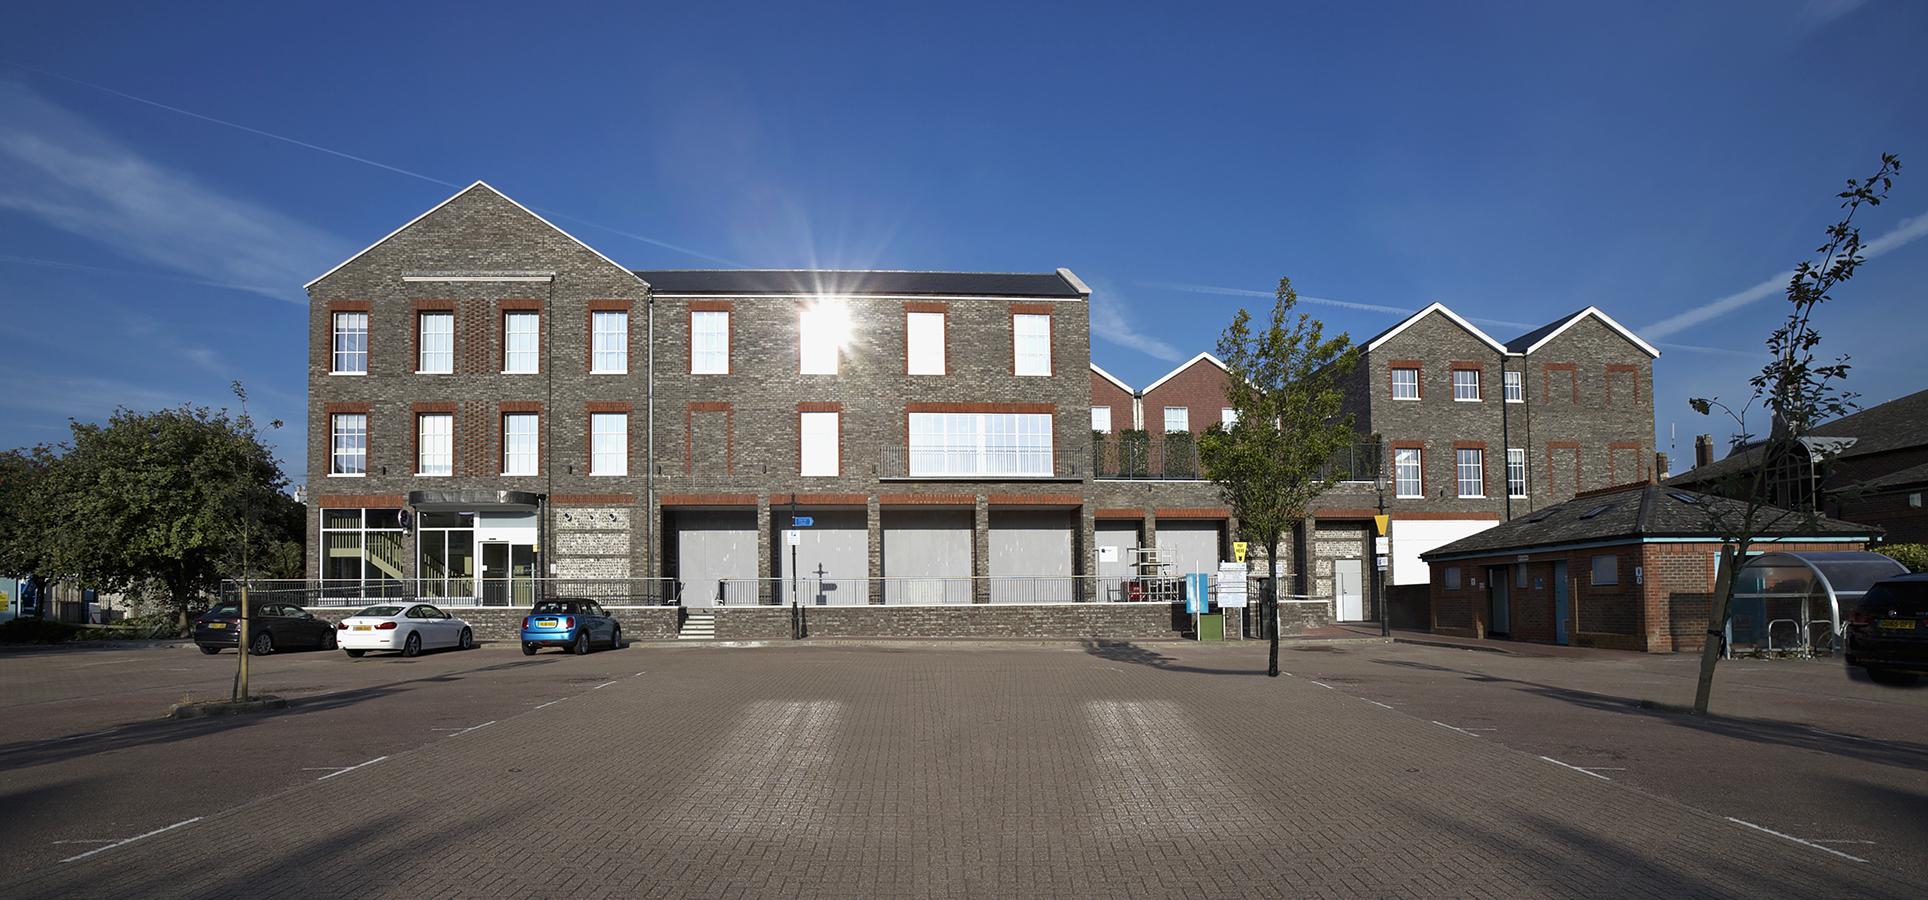 PREMIER INN & RETAIL UNITS, LEWES, Jessops Construction Ltd